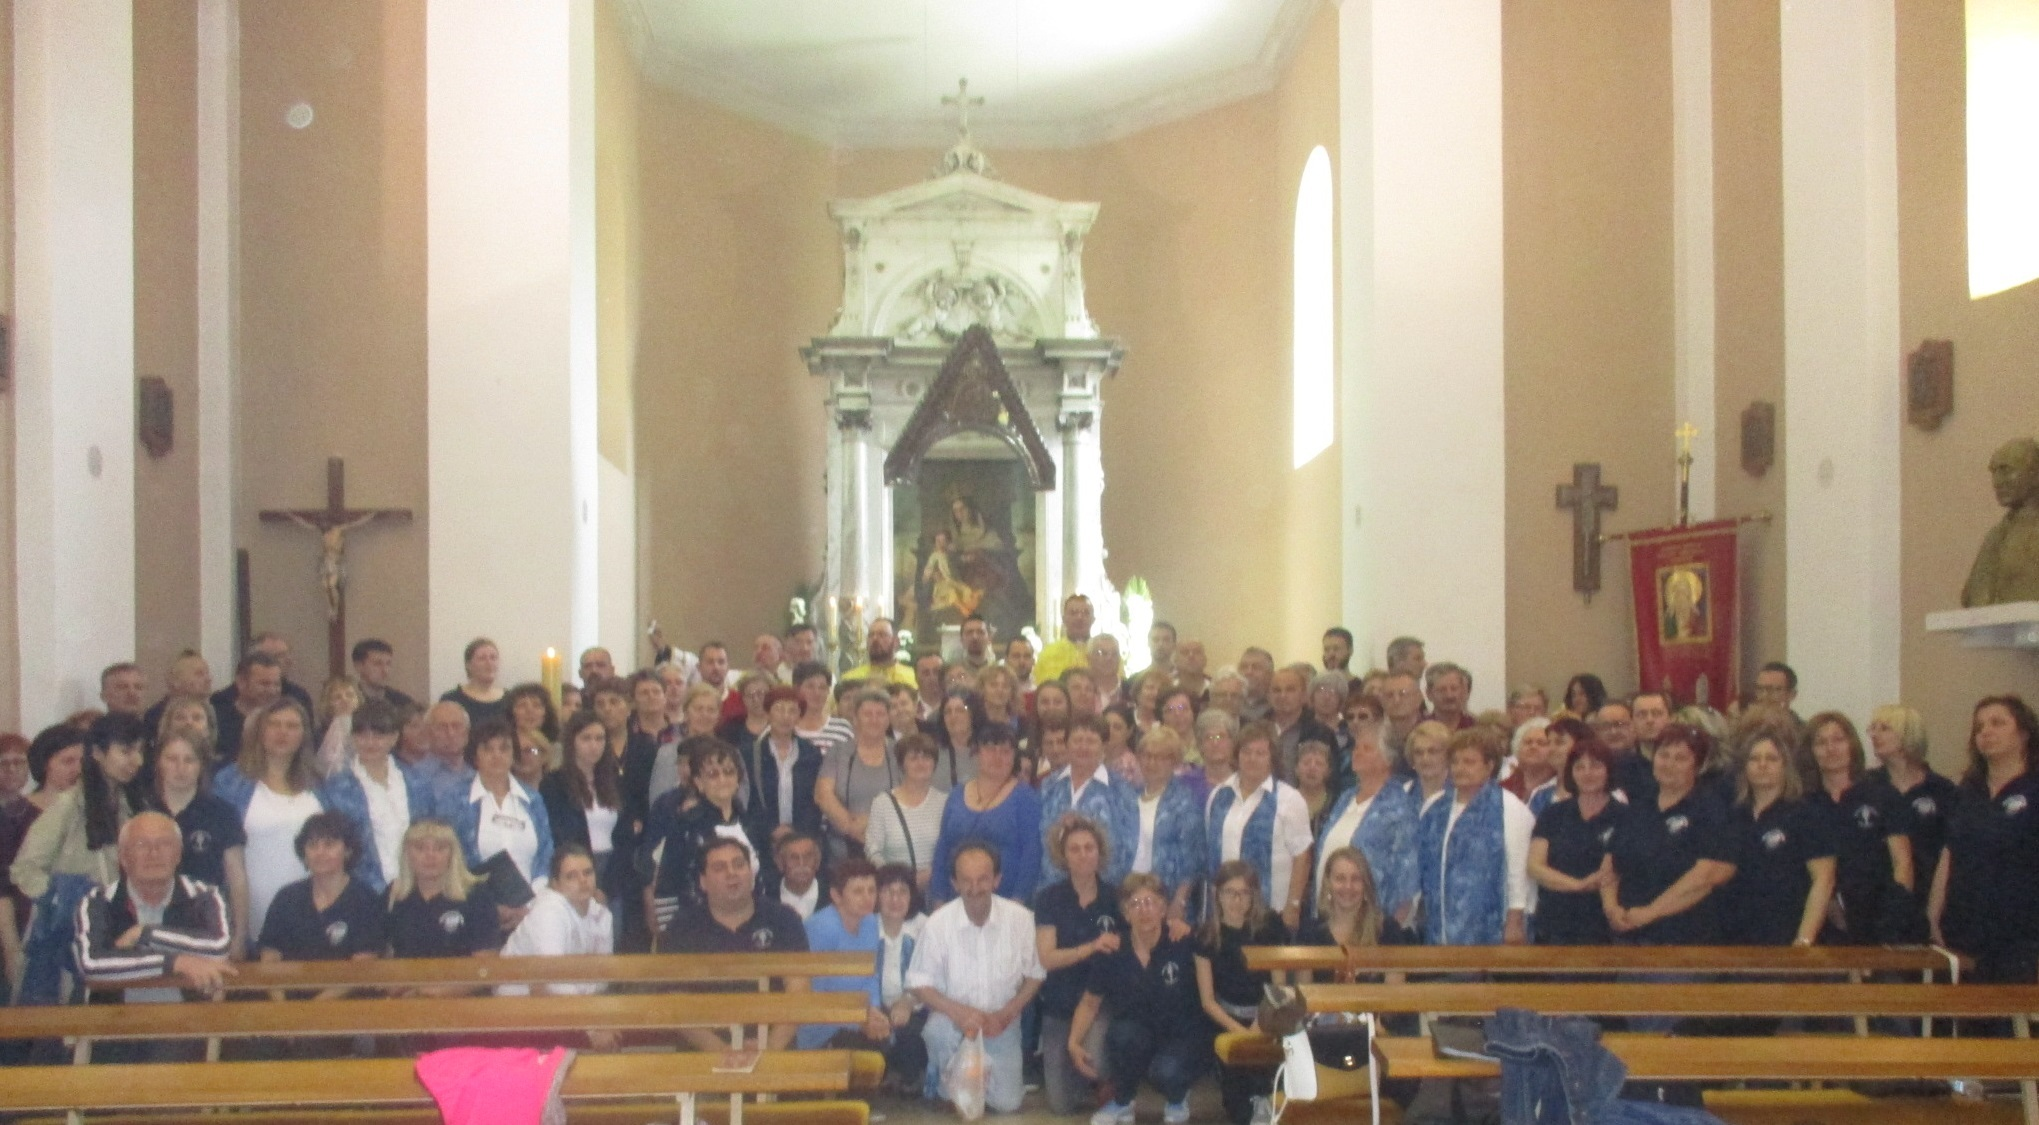 Povodom Godine obnove krsnog zavjeta održano veliko grkokatoličko hodočašće u Solin